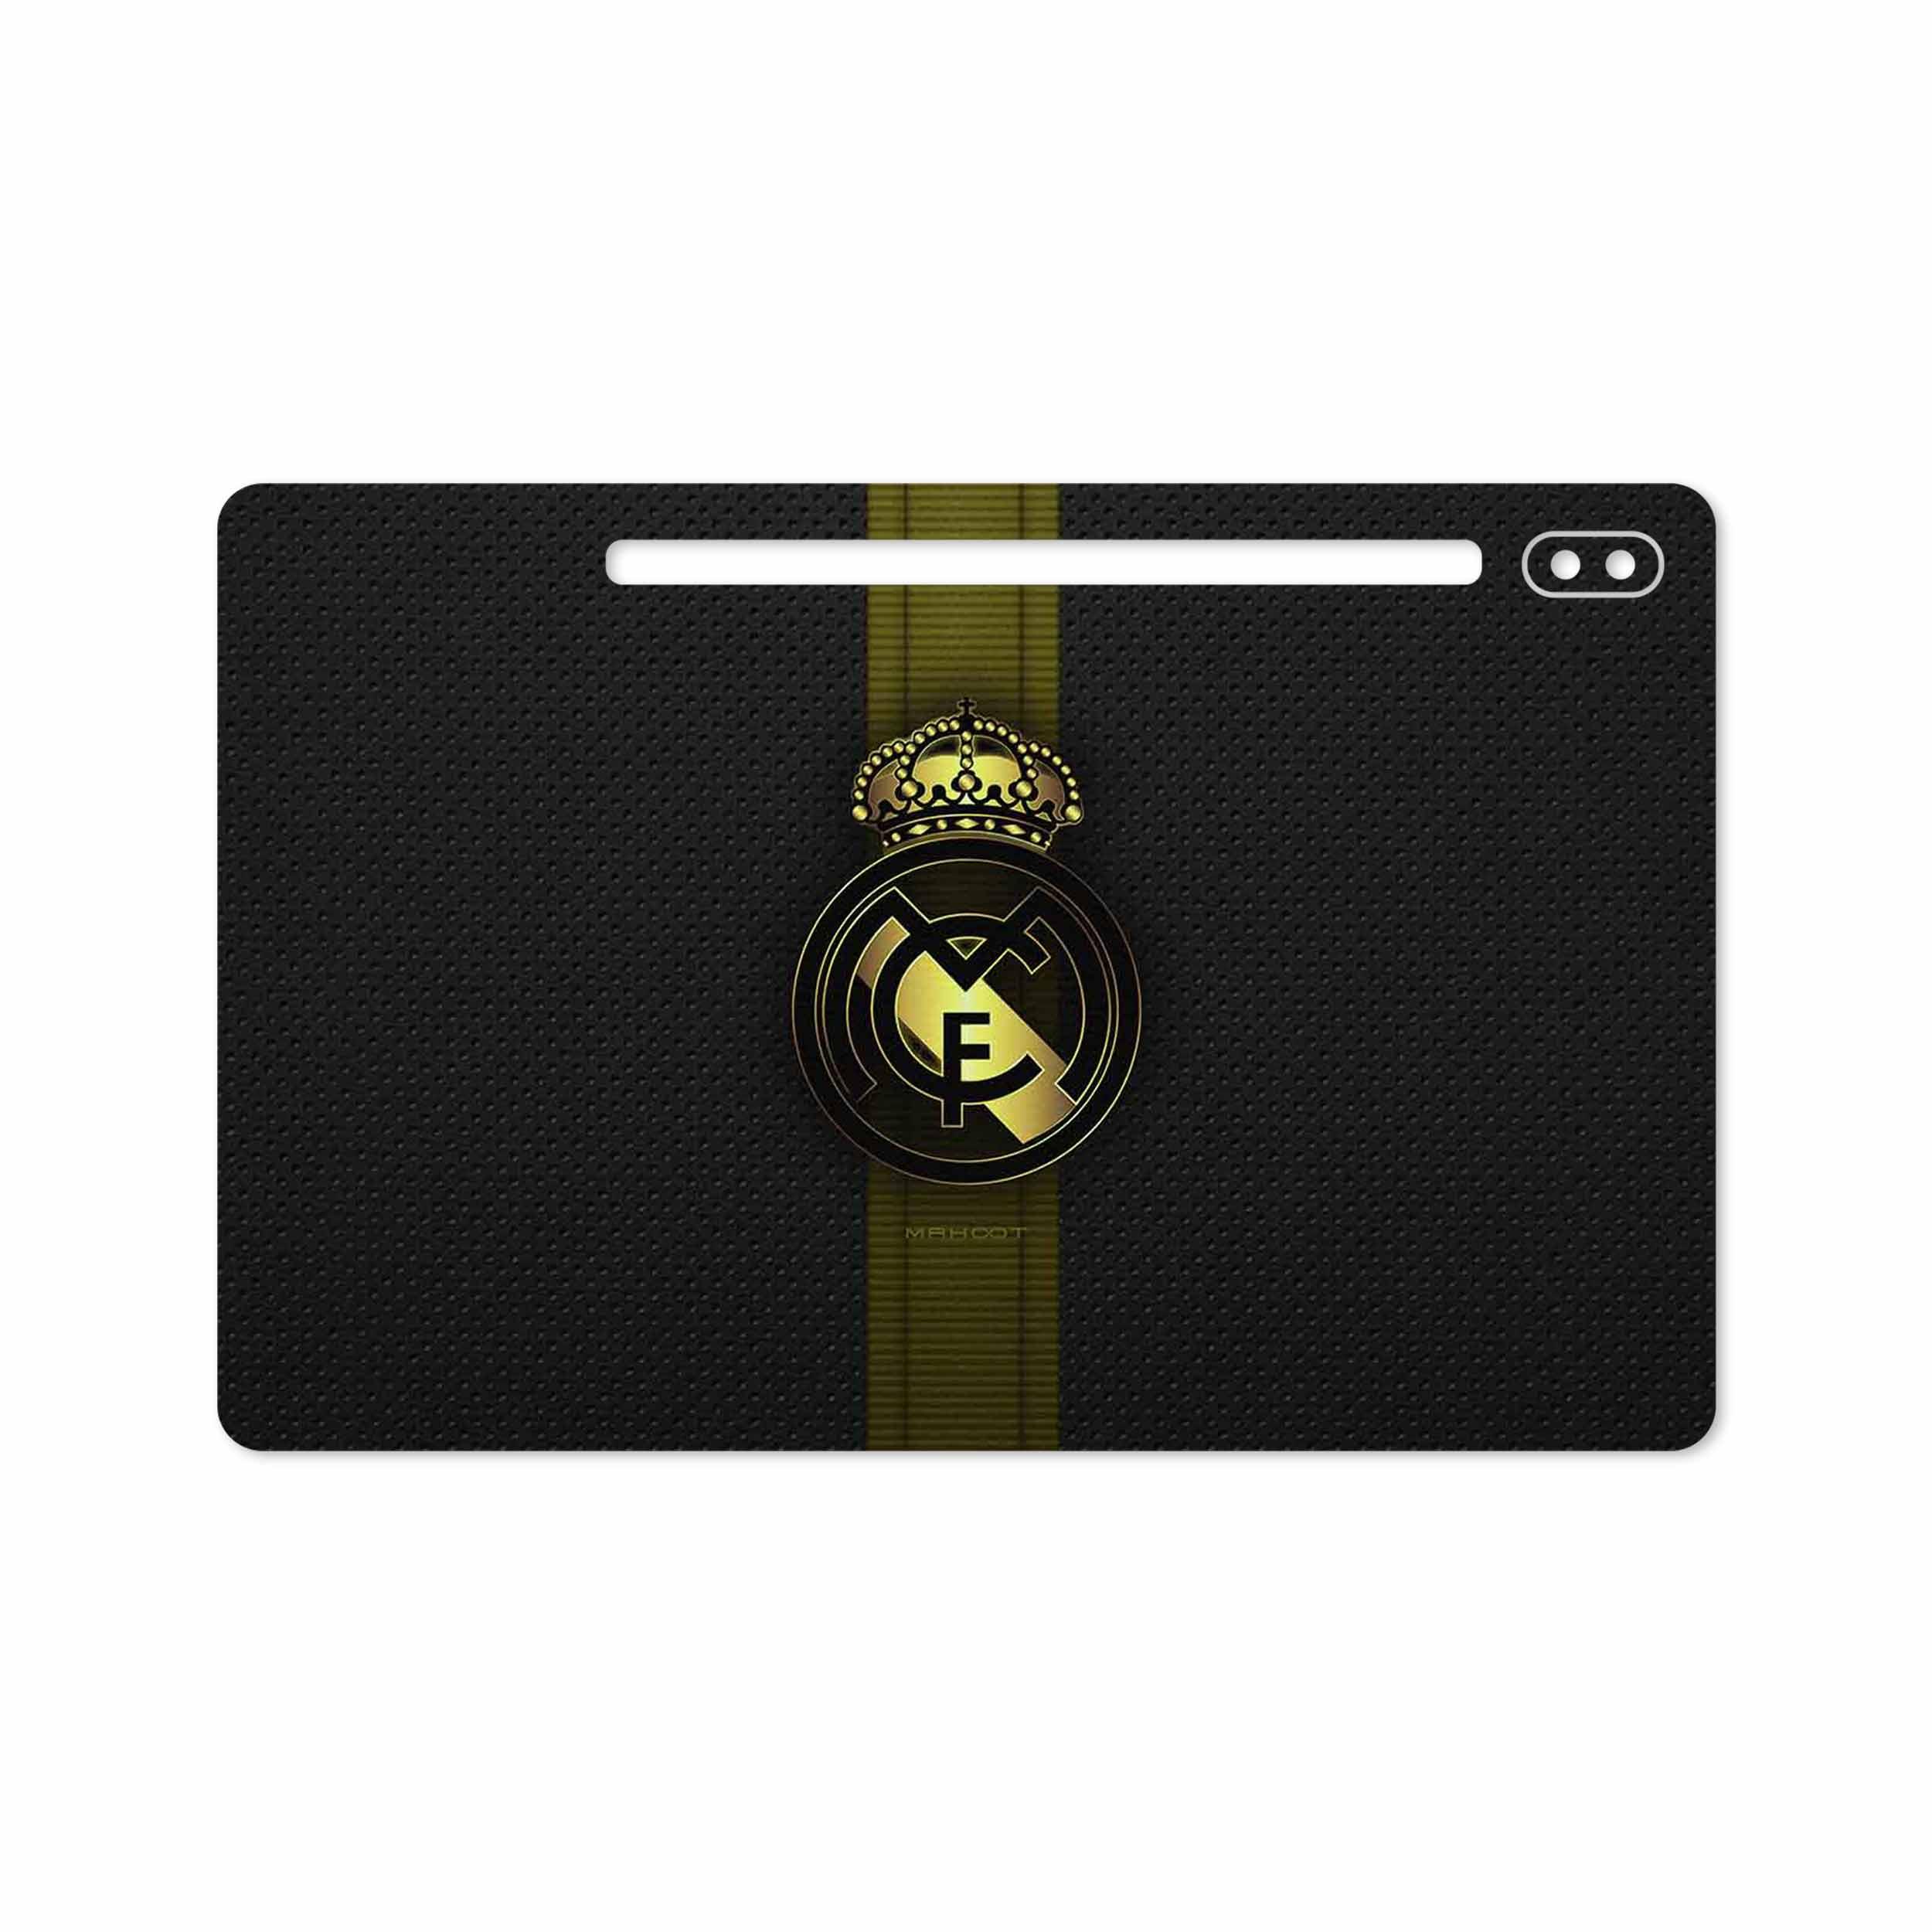 بررسی و خرید [با تخفیف]                                     برچسب پوششی ماهوت مدل Real-Madrid-2 مناسب برای تبلت سامسونگ Galaxy Tab S6 2019 SM-T865                             اورجینال